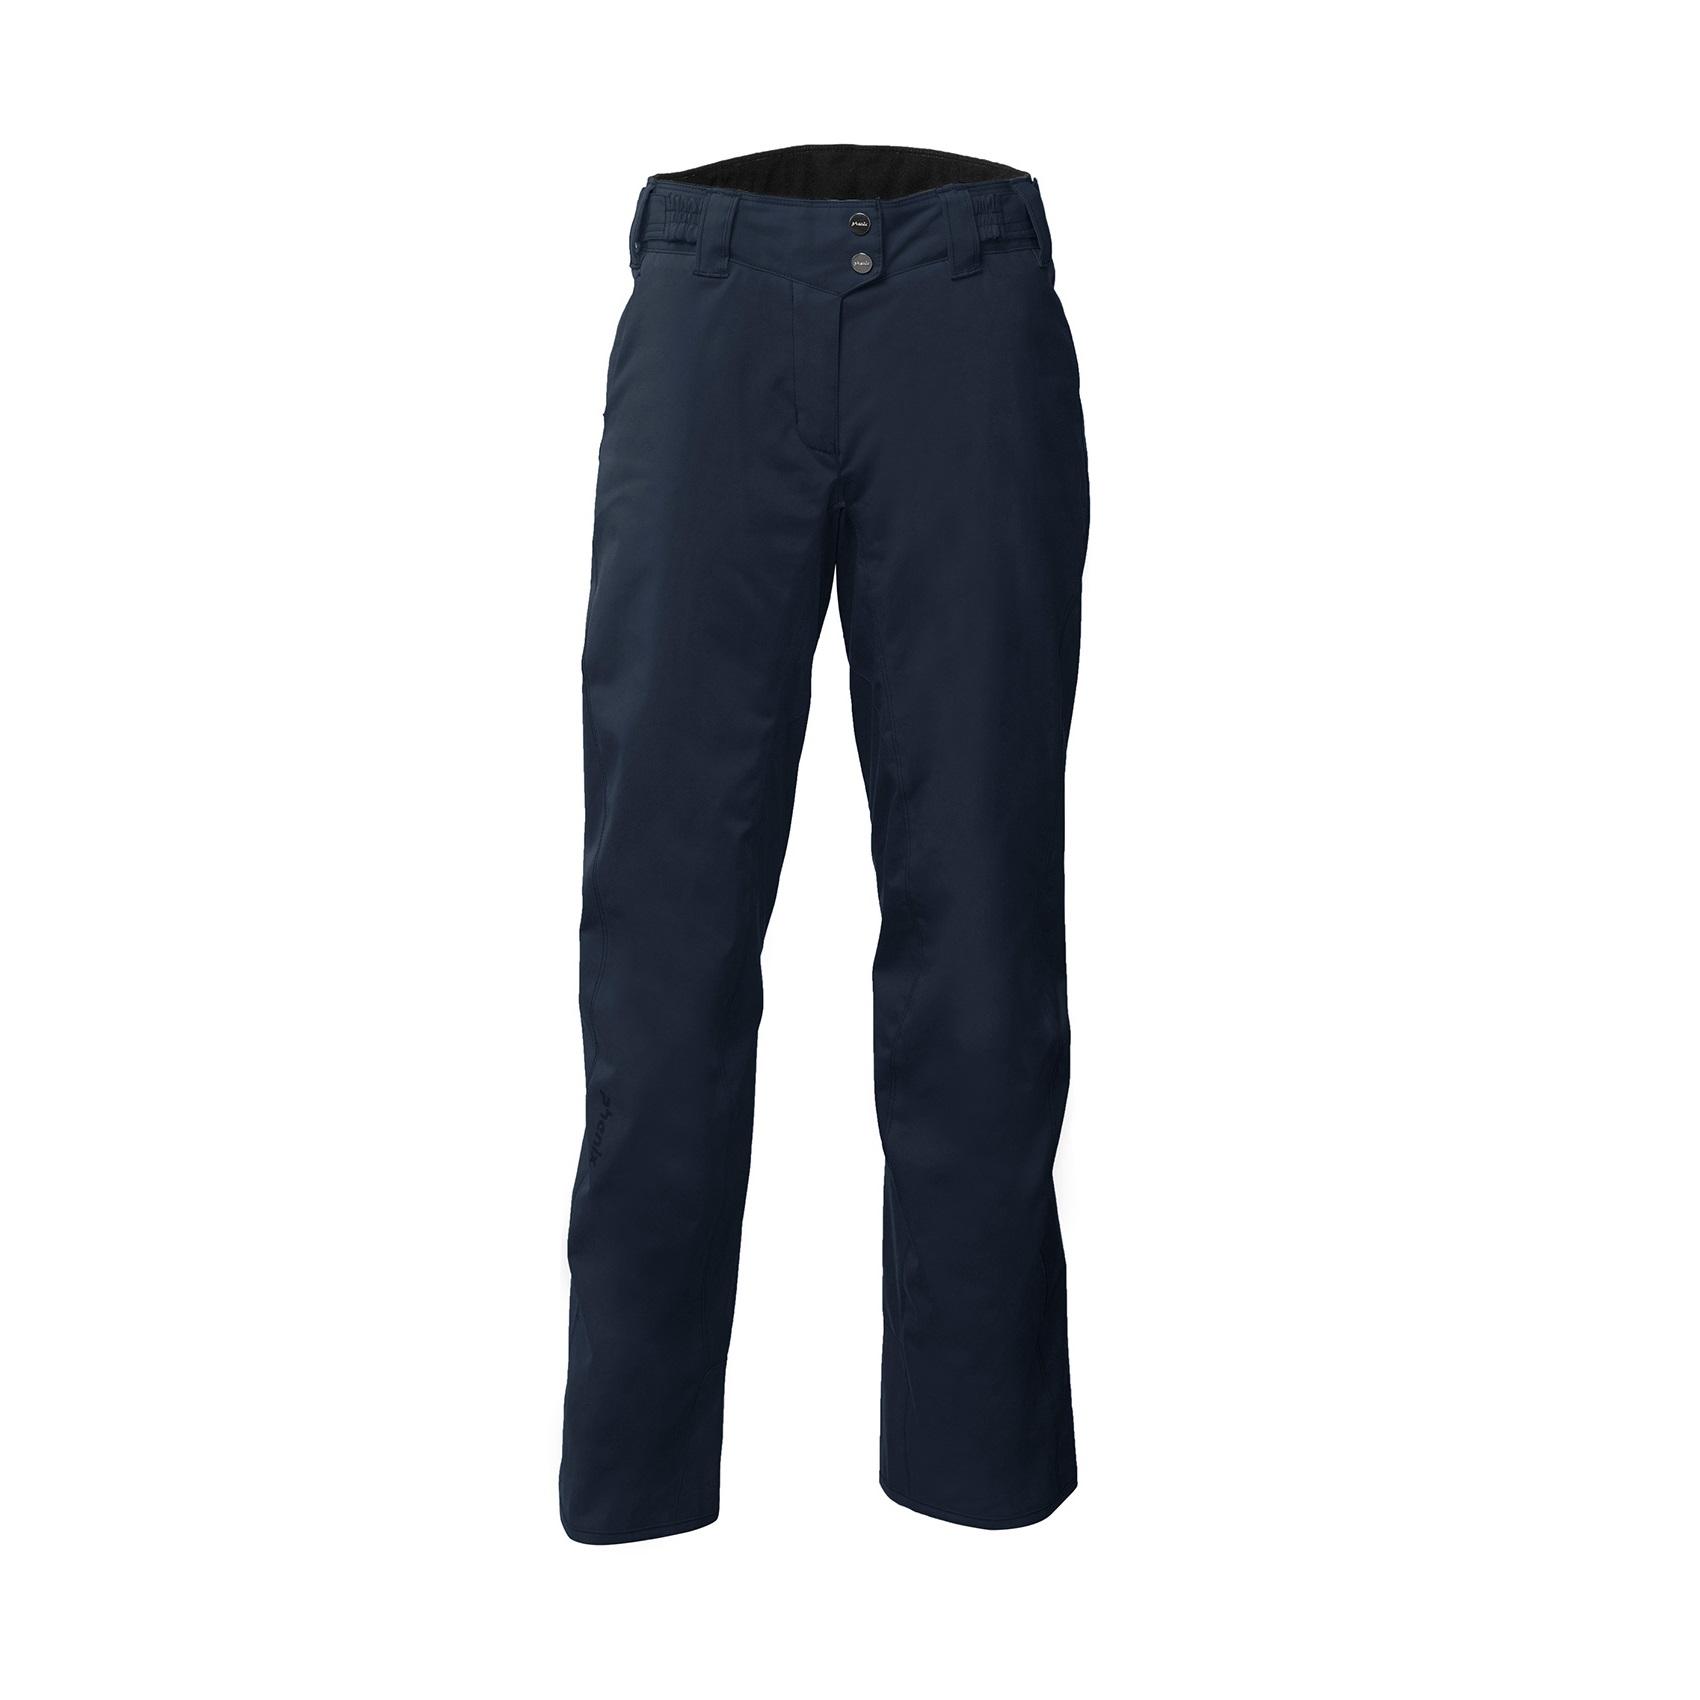 ORCA par Phenix (Pantalons Isolés Femmes, Vêtements d'Hiver Femmes)